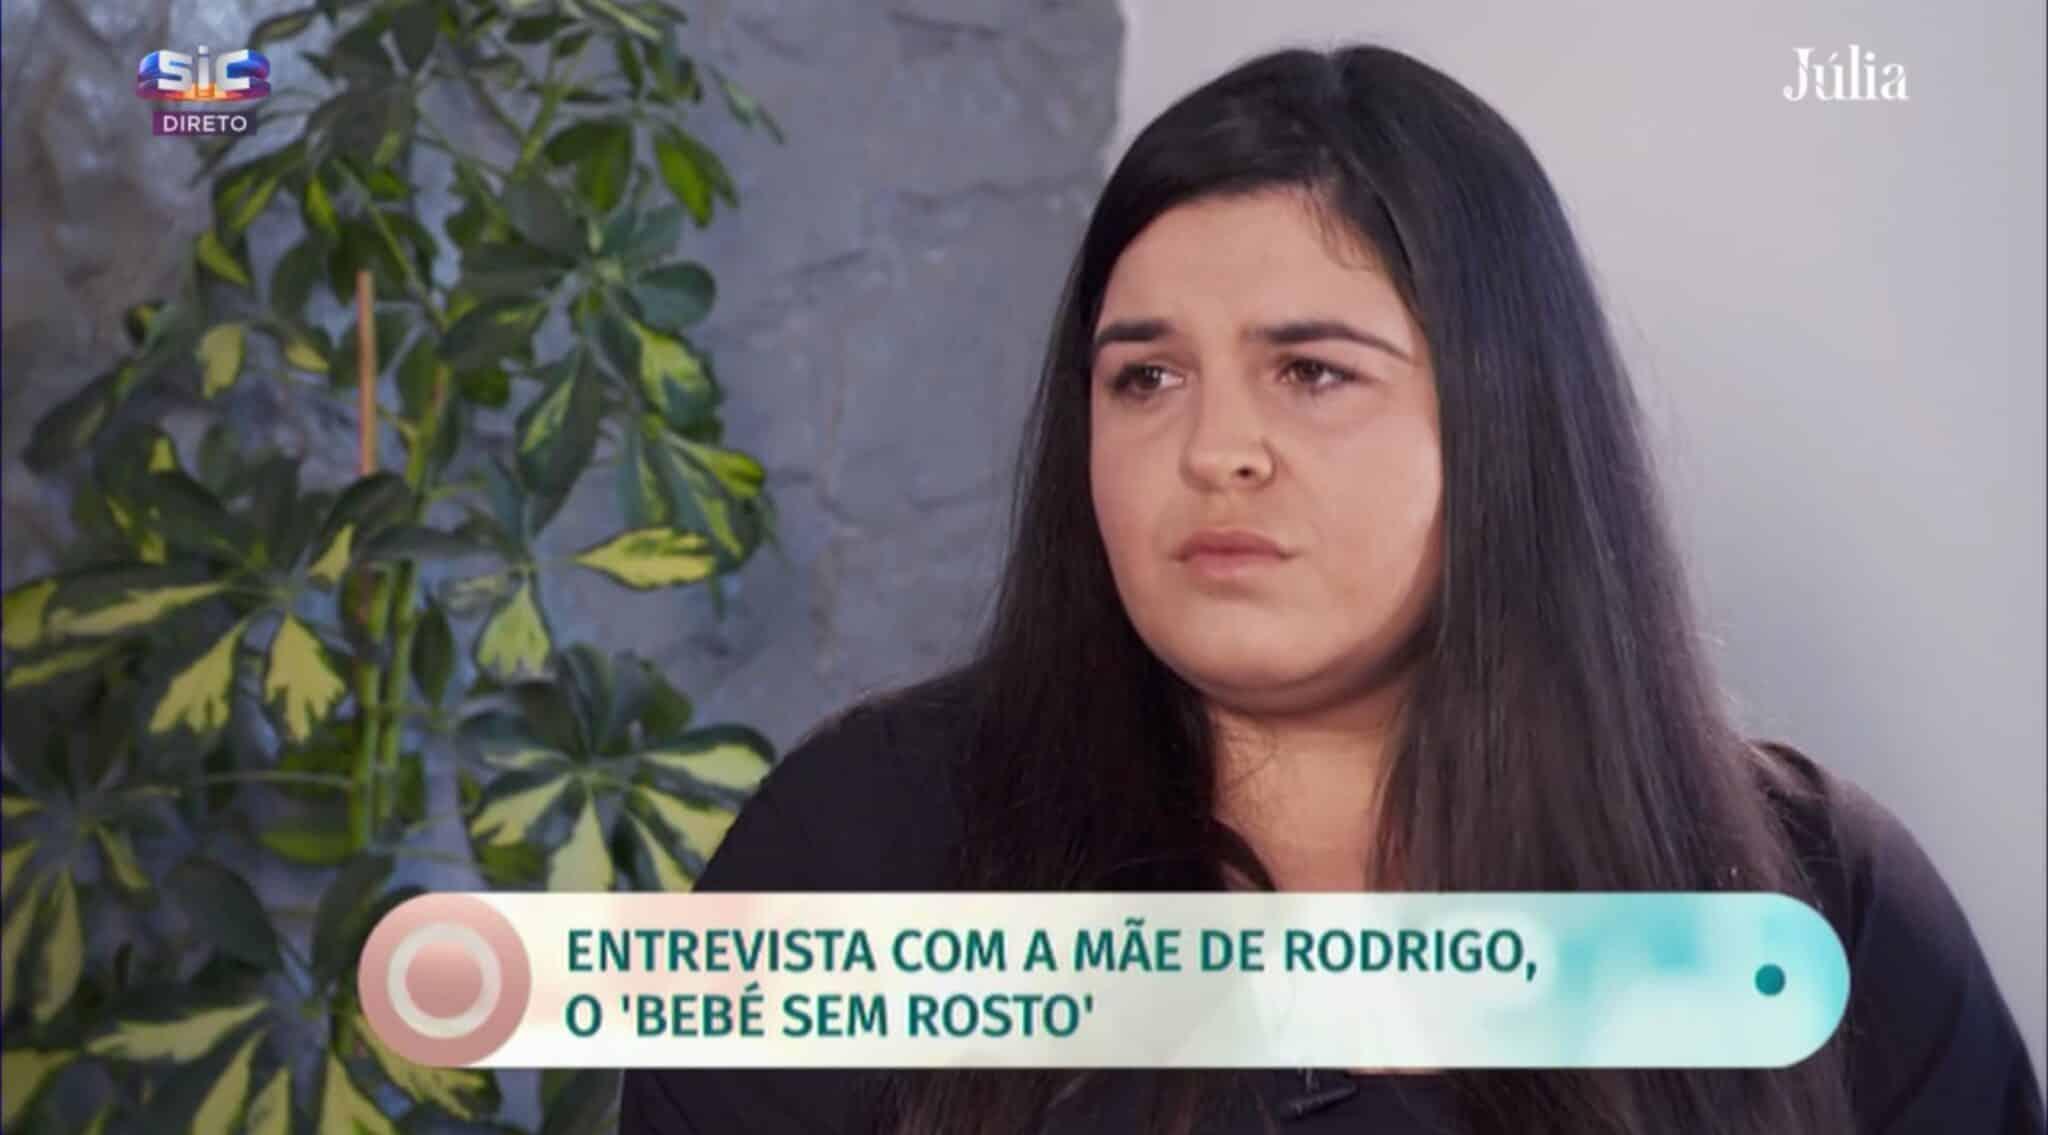 """Mae Bebe Sem Rosto Julia Pinheiro Scaled Médico Do 'Bebé Sem Rosto': """"Fiz As Ecografias Do Vosso Filho, Mas Não Vi As Malformações"""""""